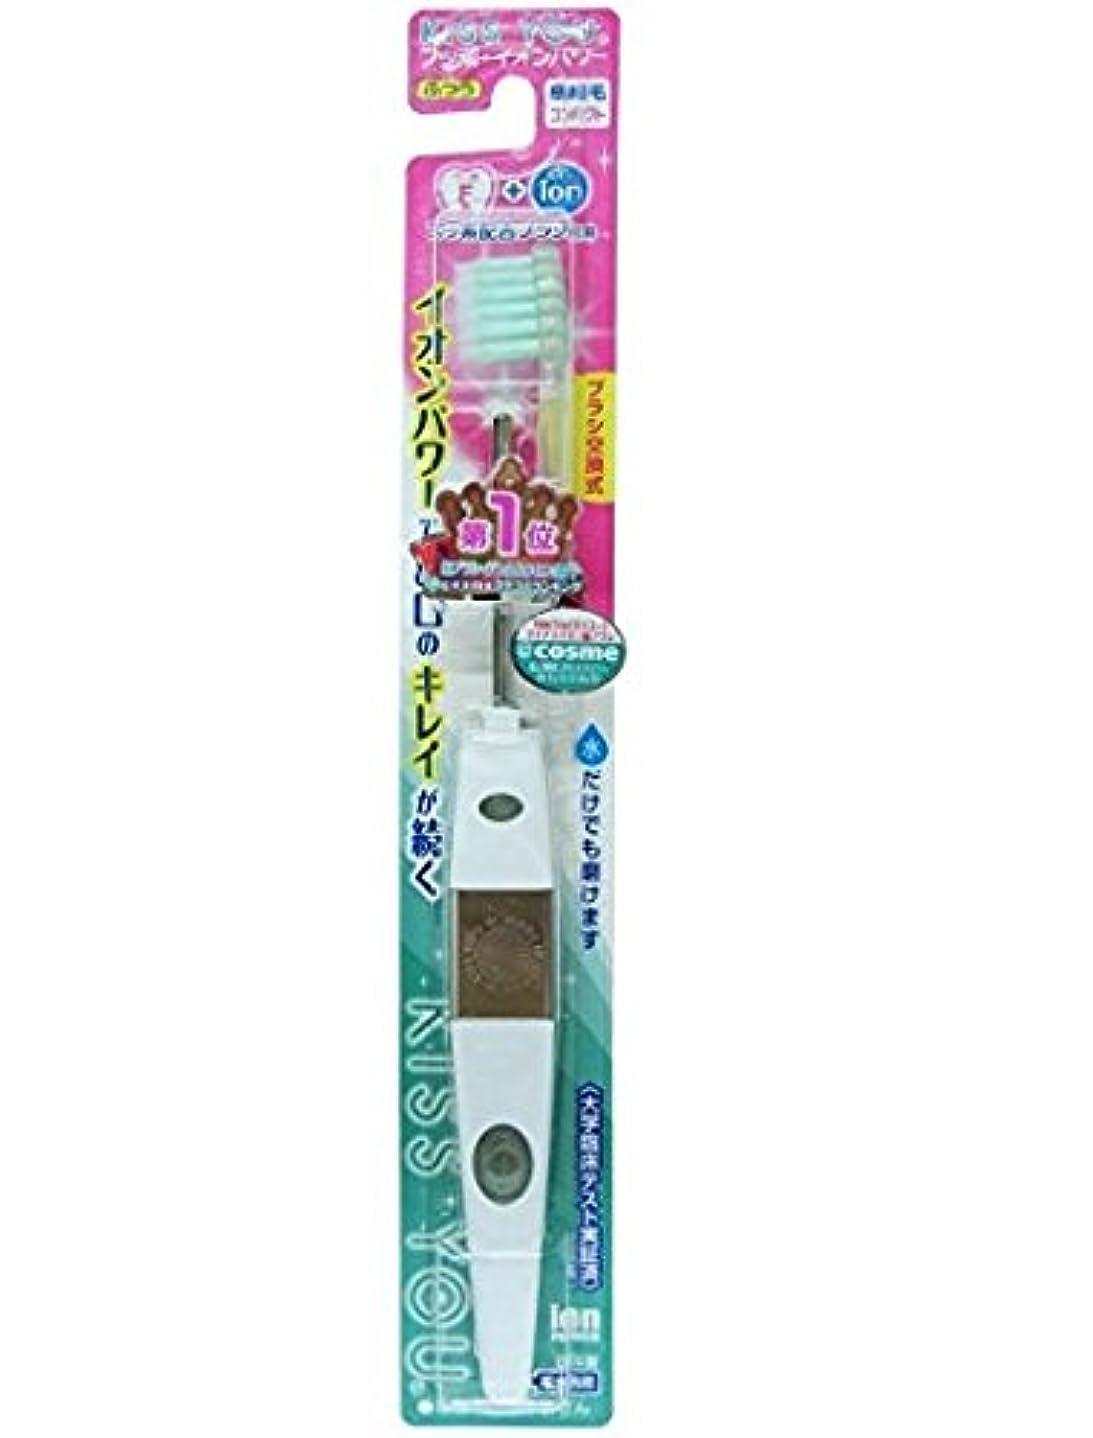 戦闘ピアースシャットフッ素イオン歯ブラシ極細コンパクト本体ふつう × 6個セット